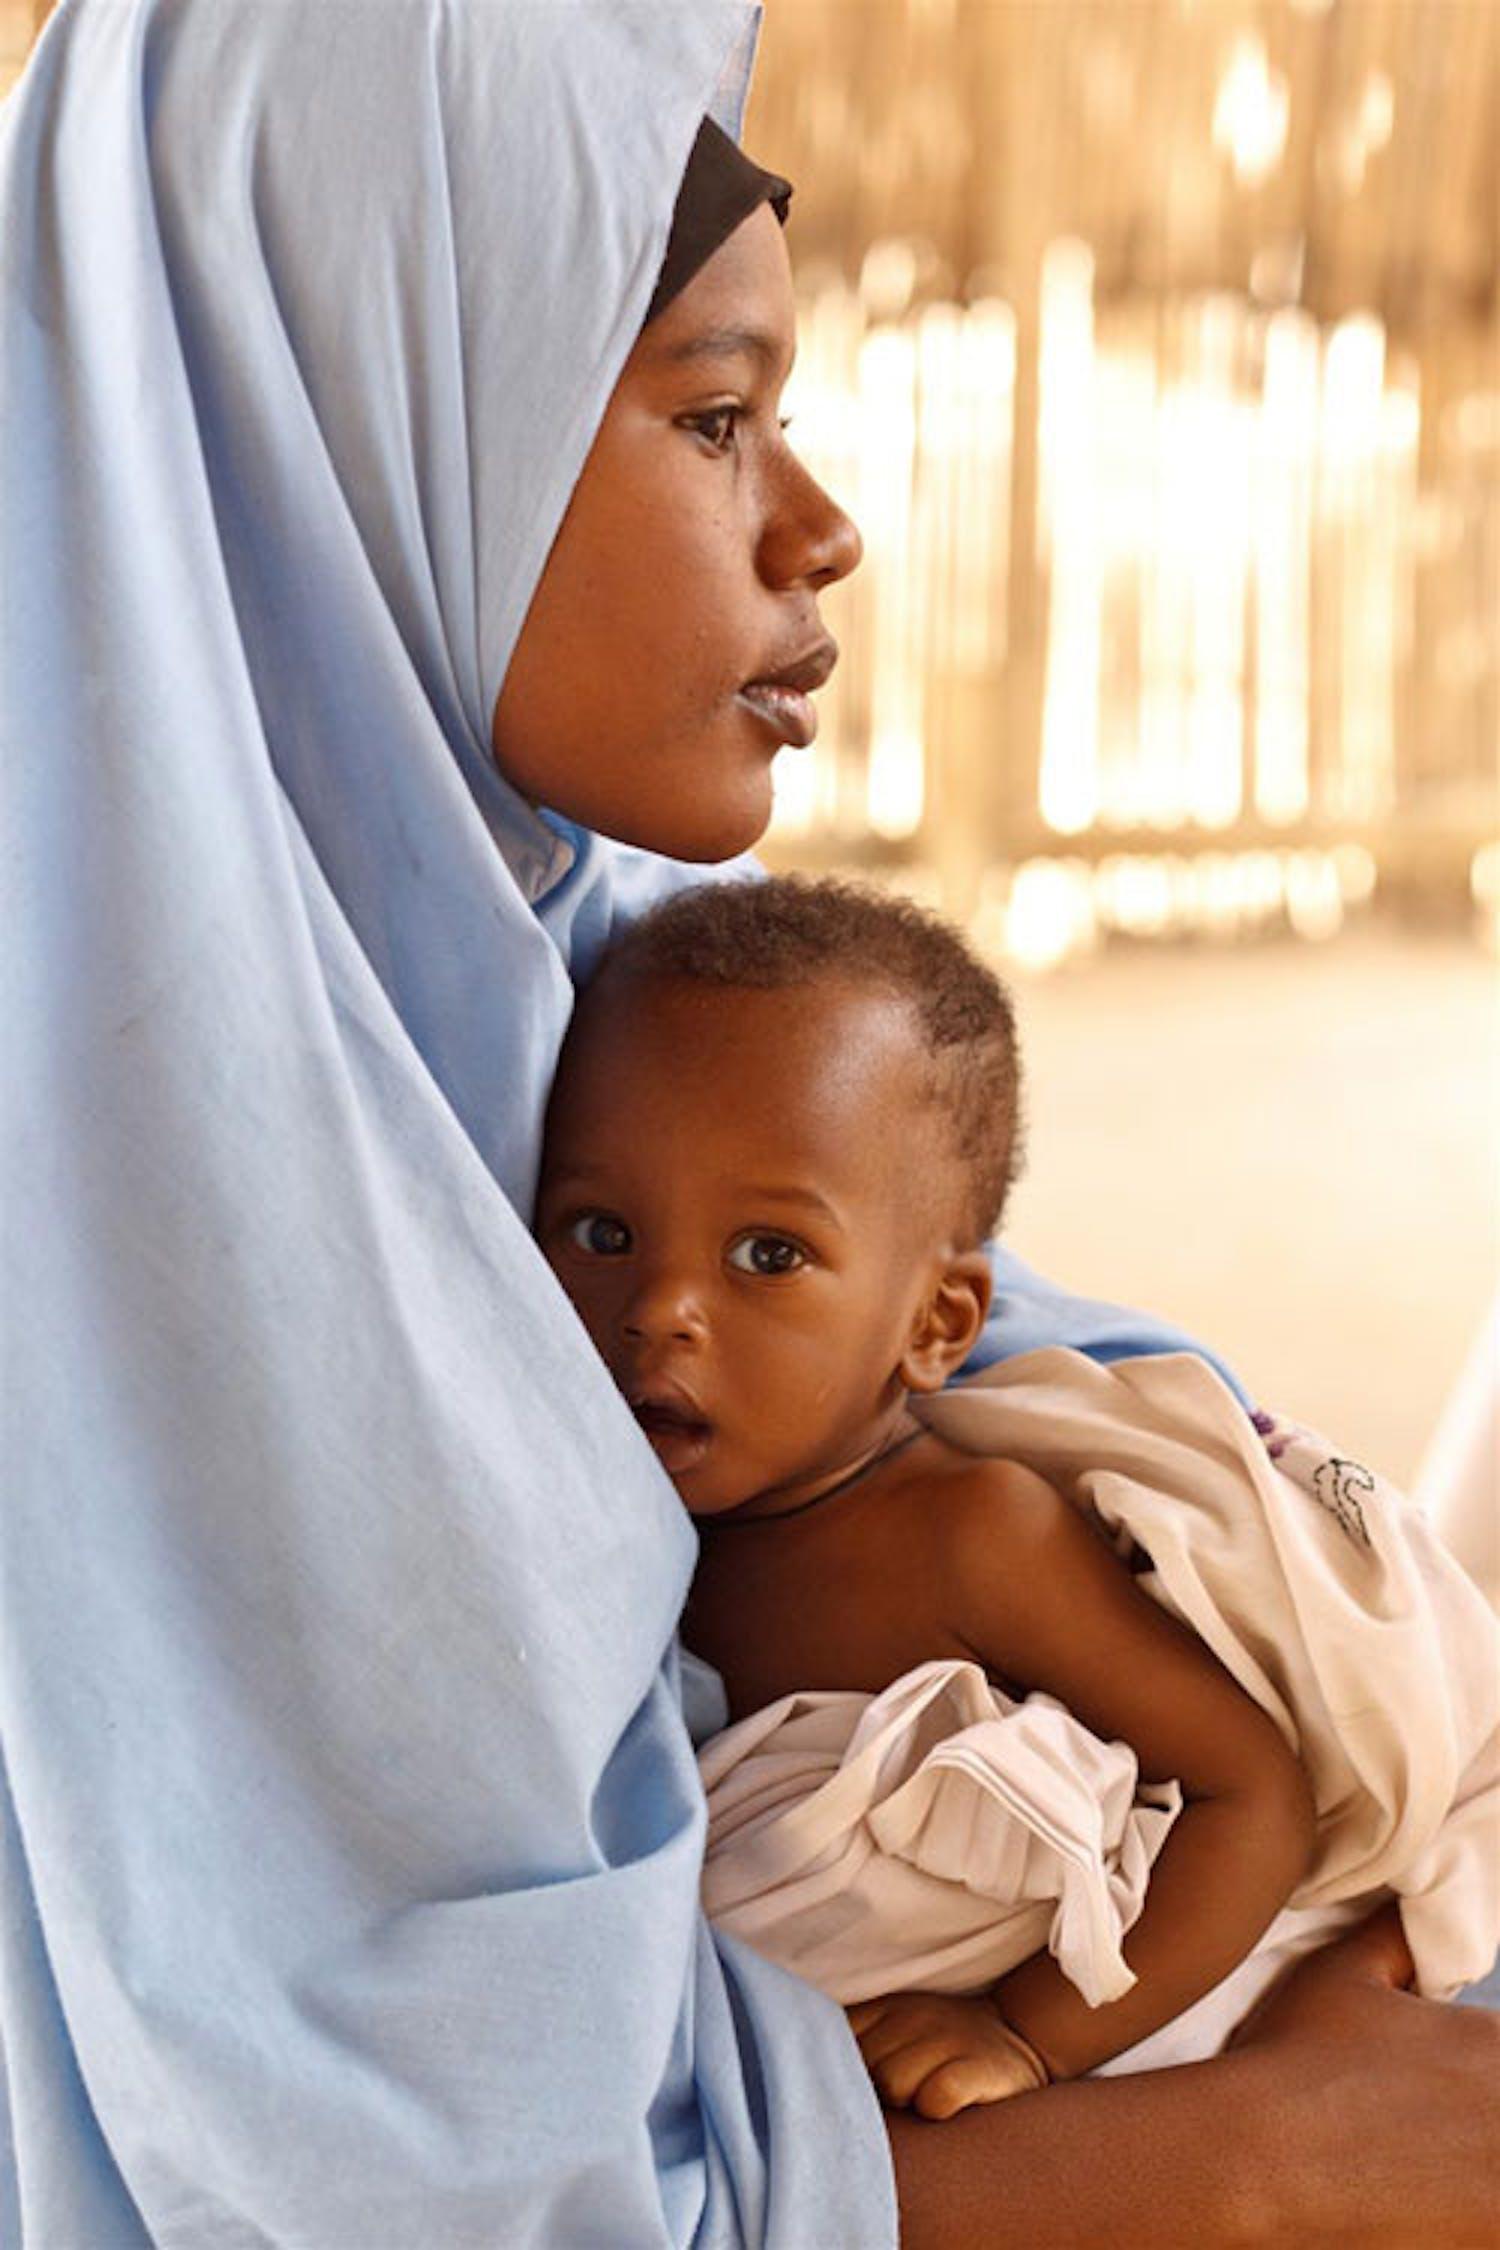 Farida, 16 anni, tiene in braccio il fratellino Laouli, 9 mesi, che attende di essere visitato in un centro nutrizionale terapeutico nella città di Mirriah (Niger) - ©UNICEF/NYHQ2012-0176/Asselin